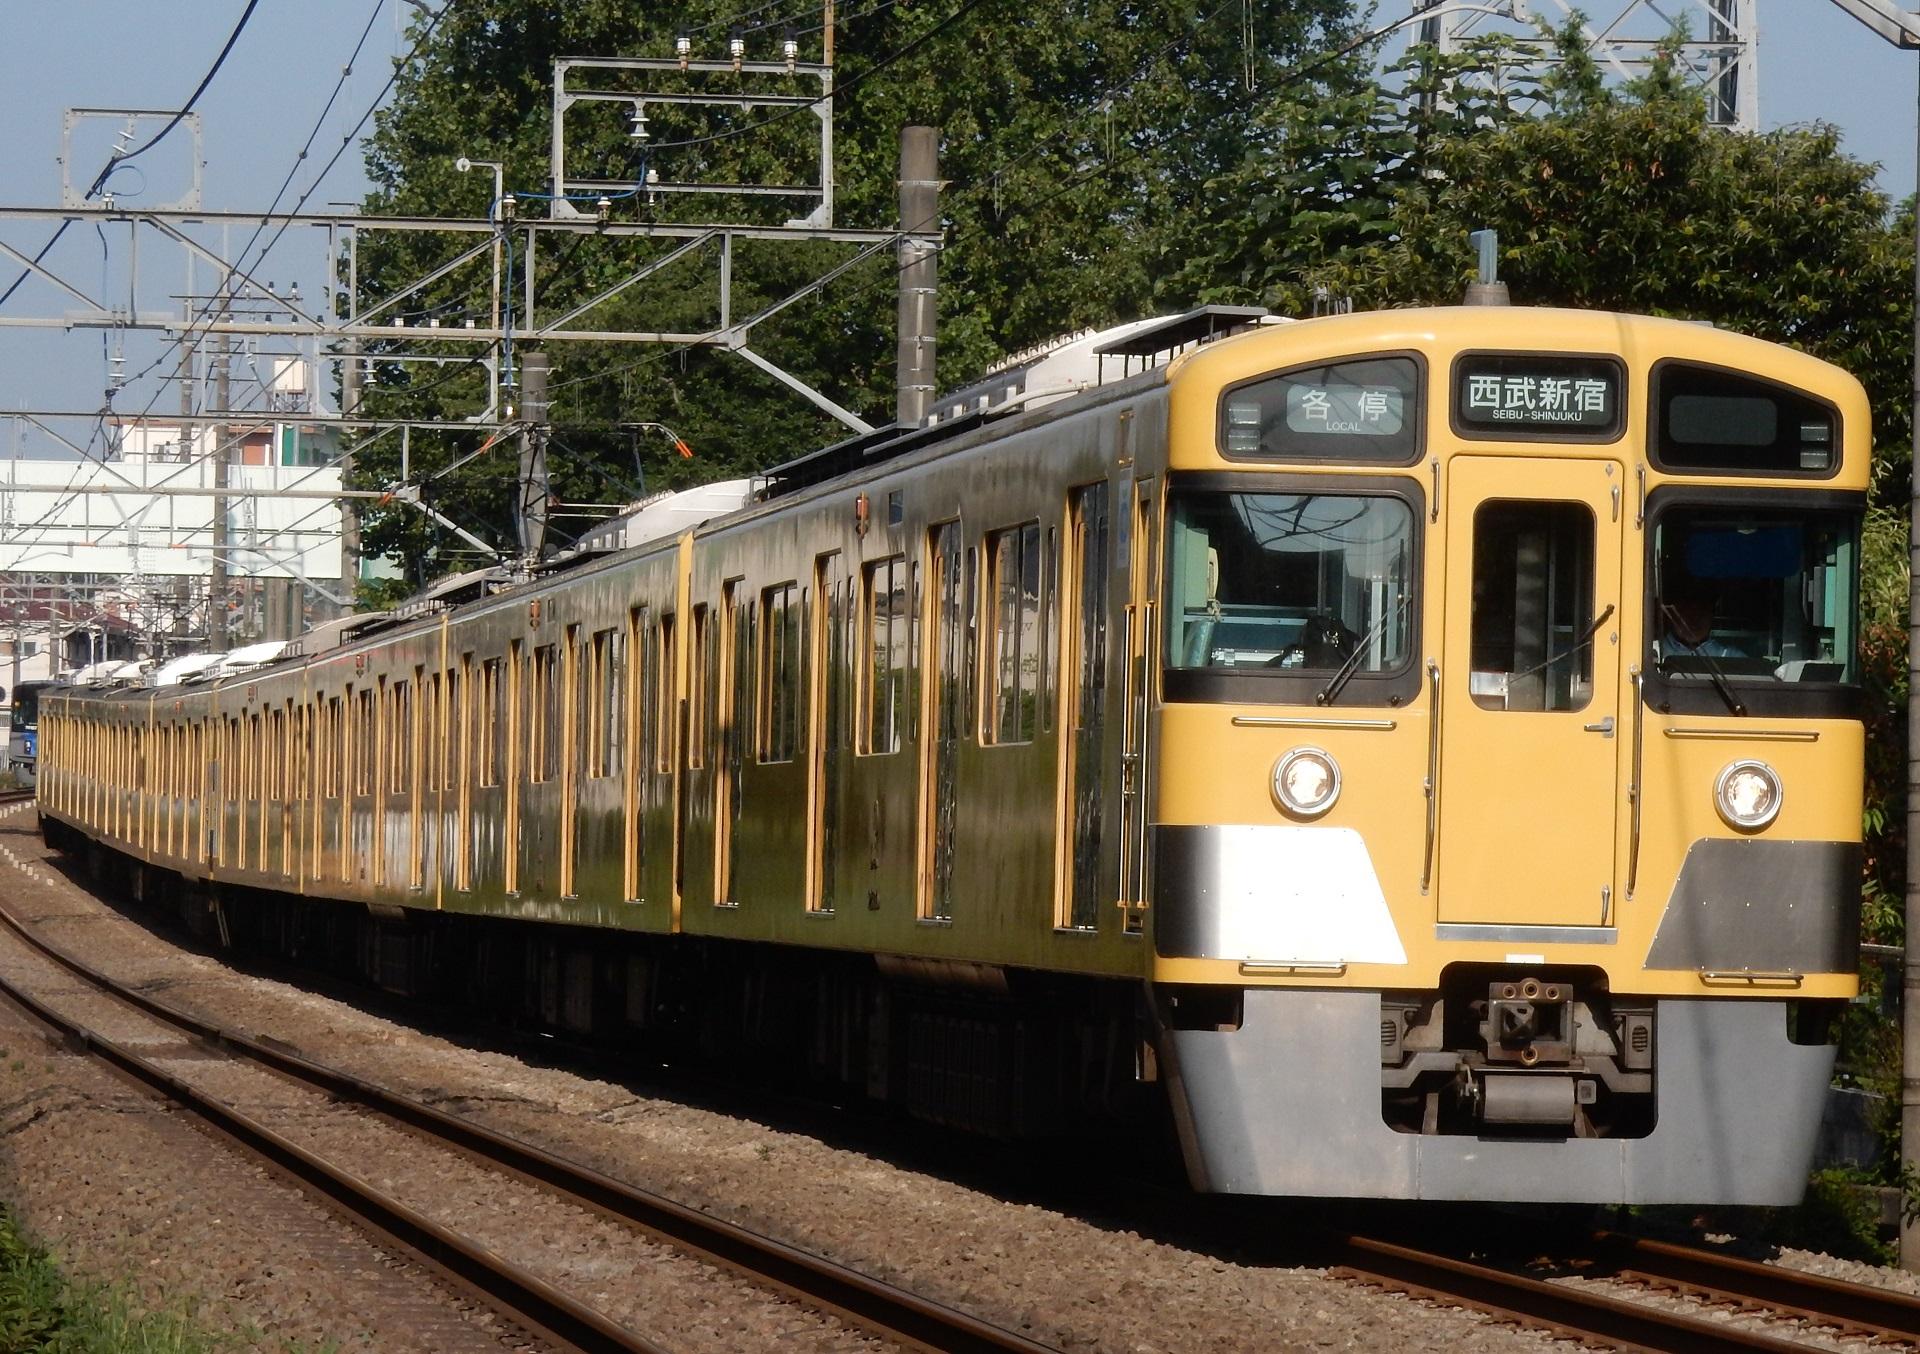 DSCN4785 - コピー